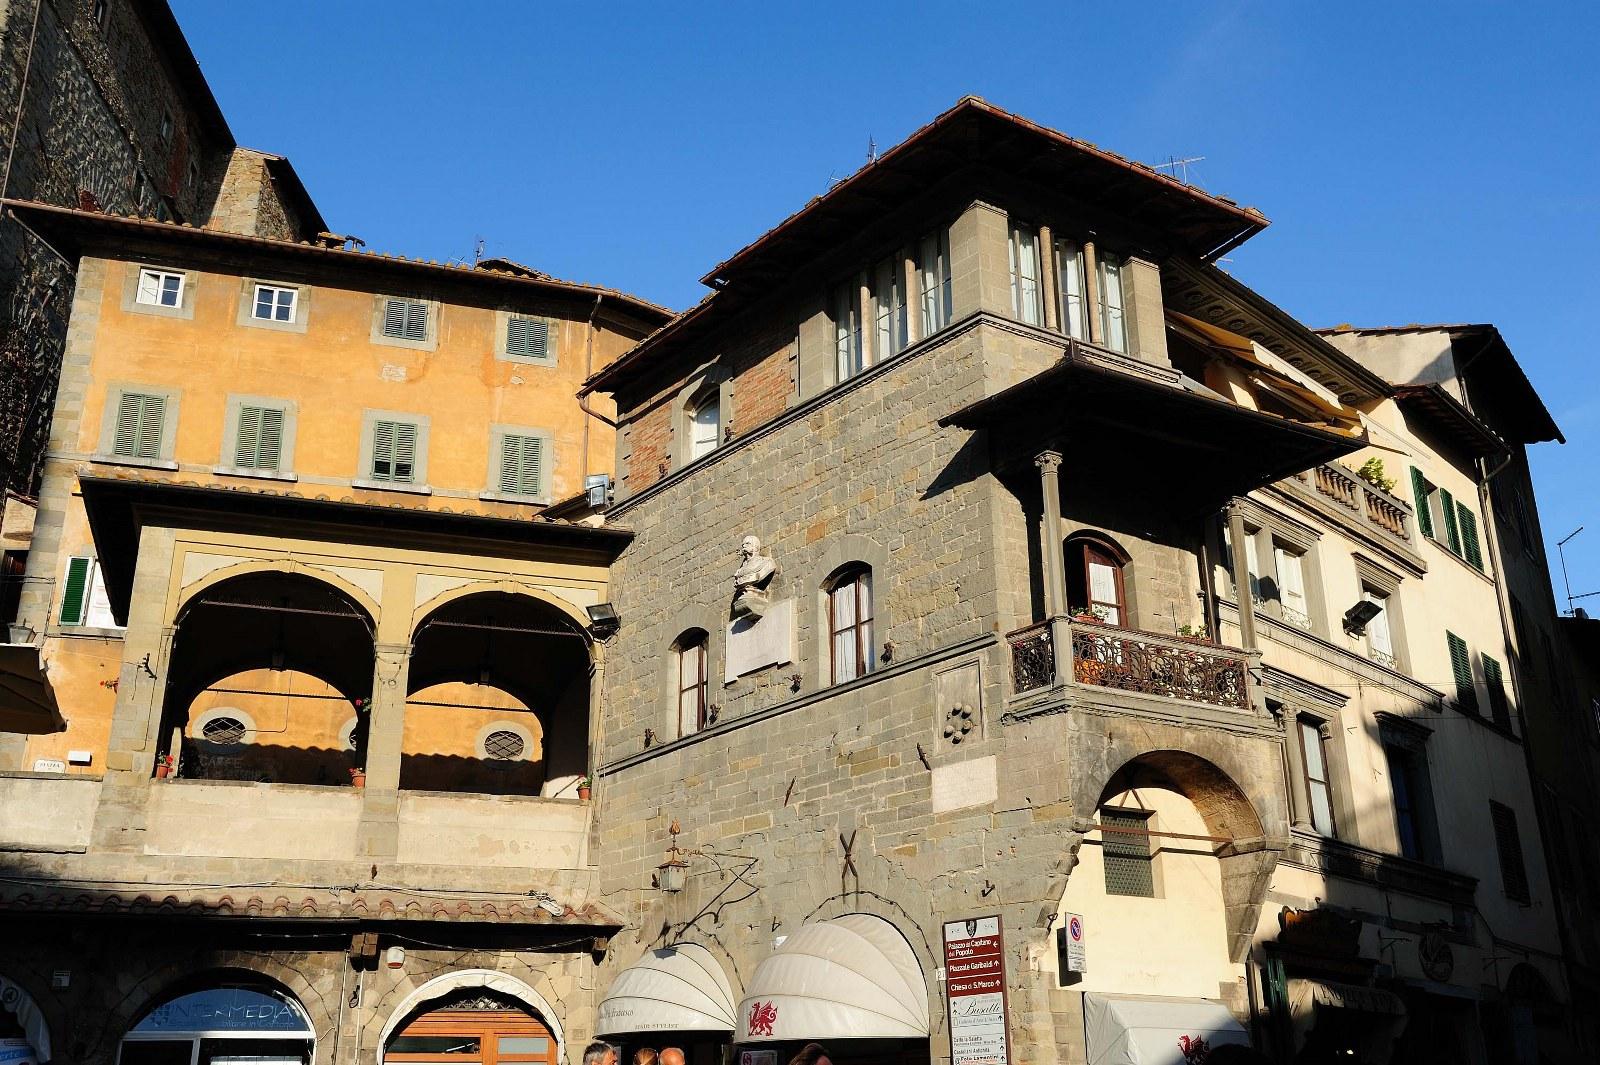 Esplora Cortona con le nostre visite guidate personalizzate realizzate dalle nostre guide turistiche abilitate